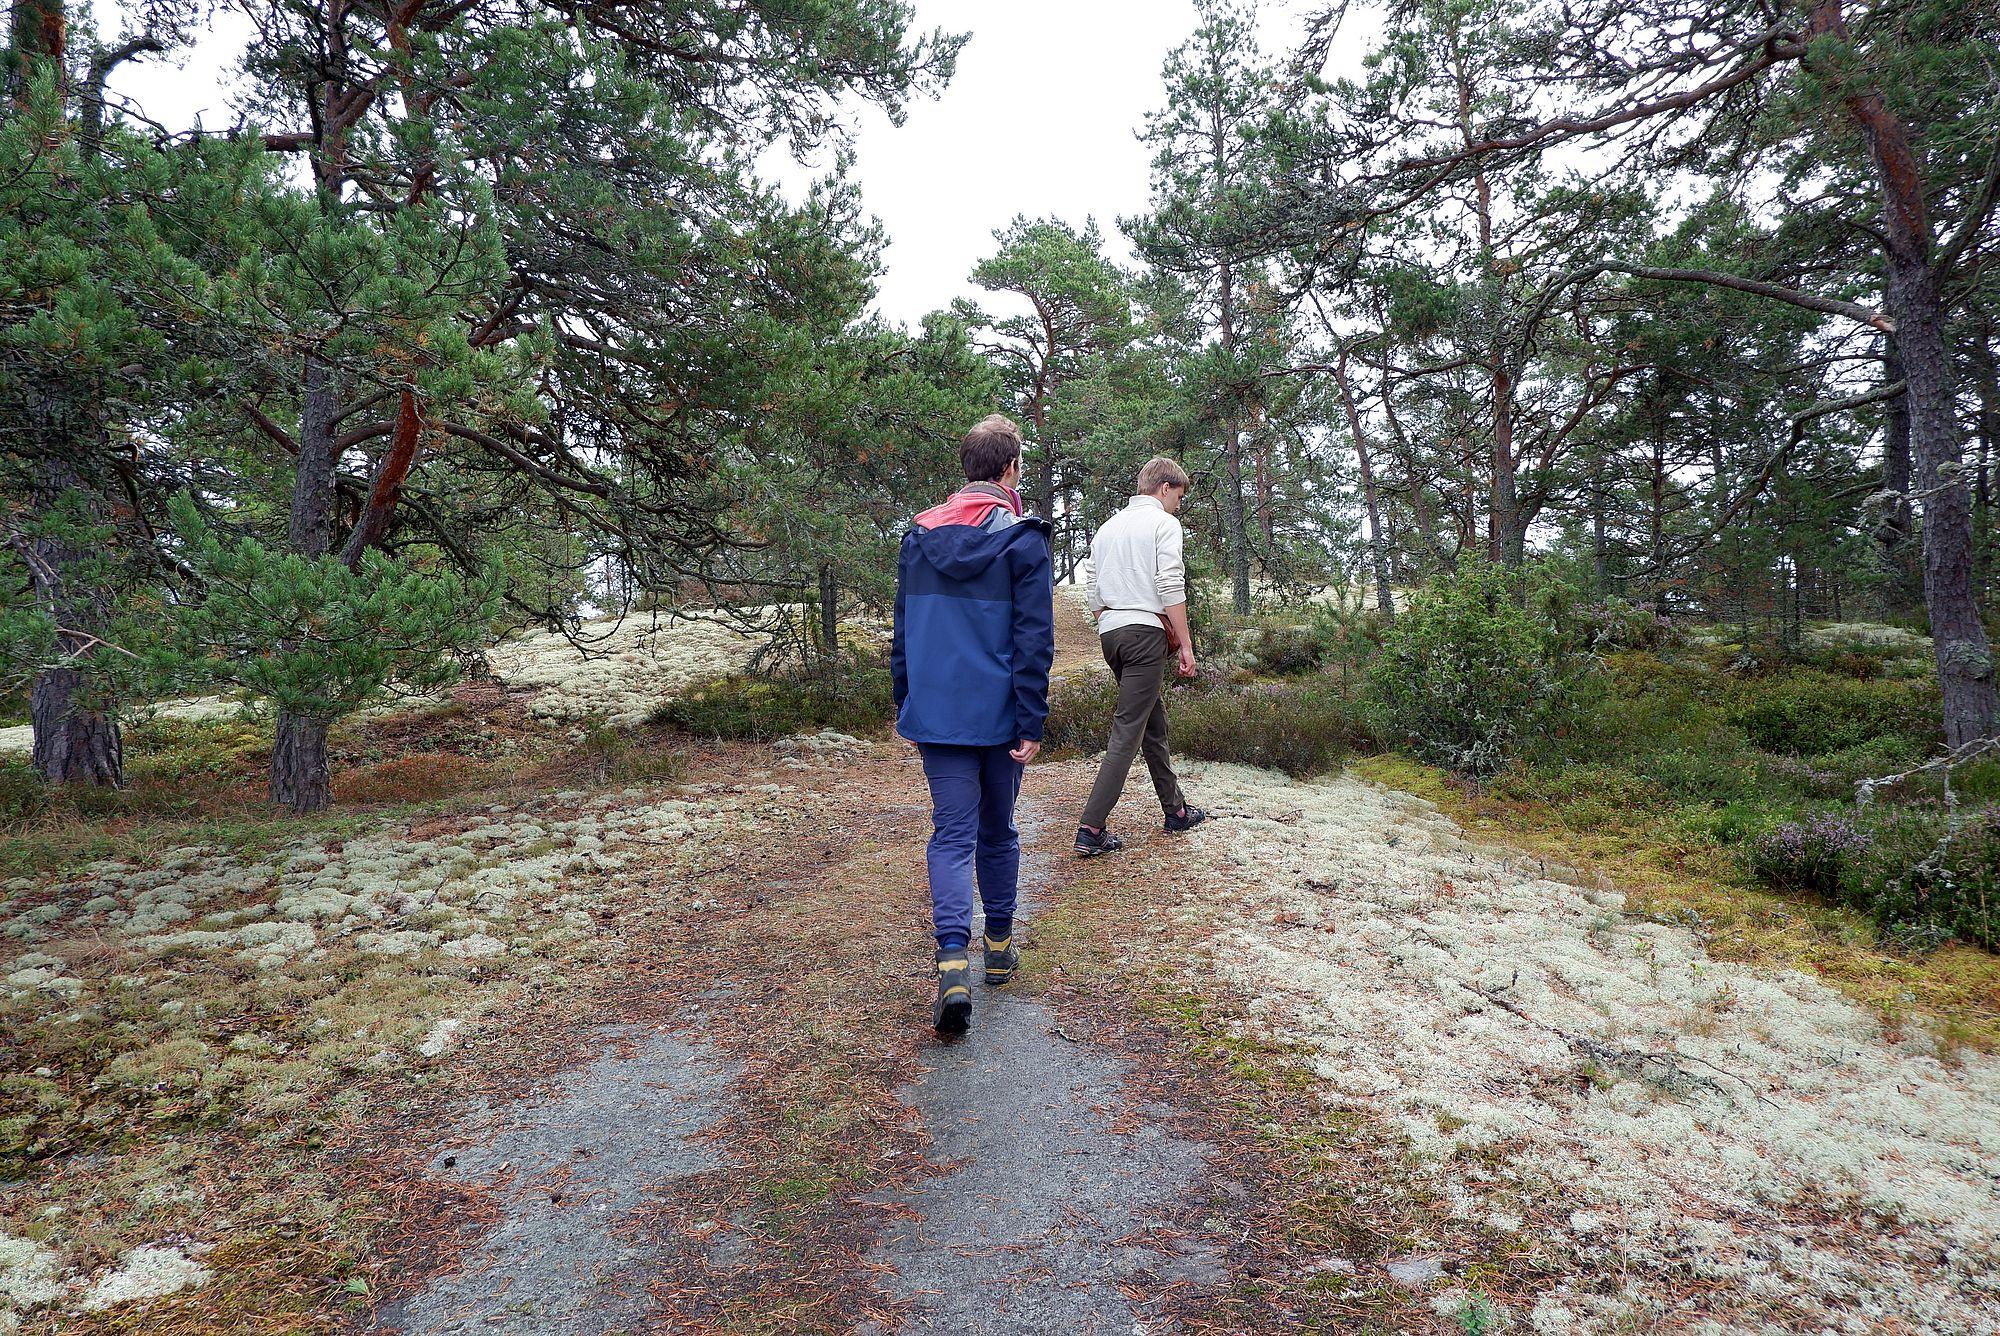 Ryan et Oskar sur un chemin de randonnée bordé de mousse blanche